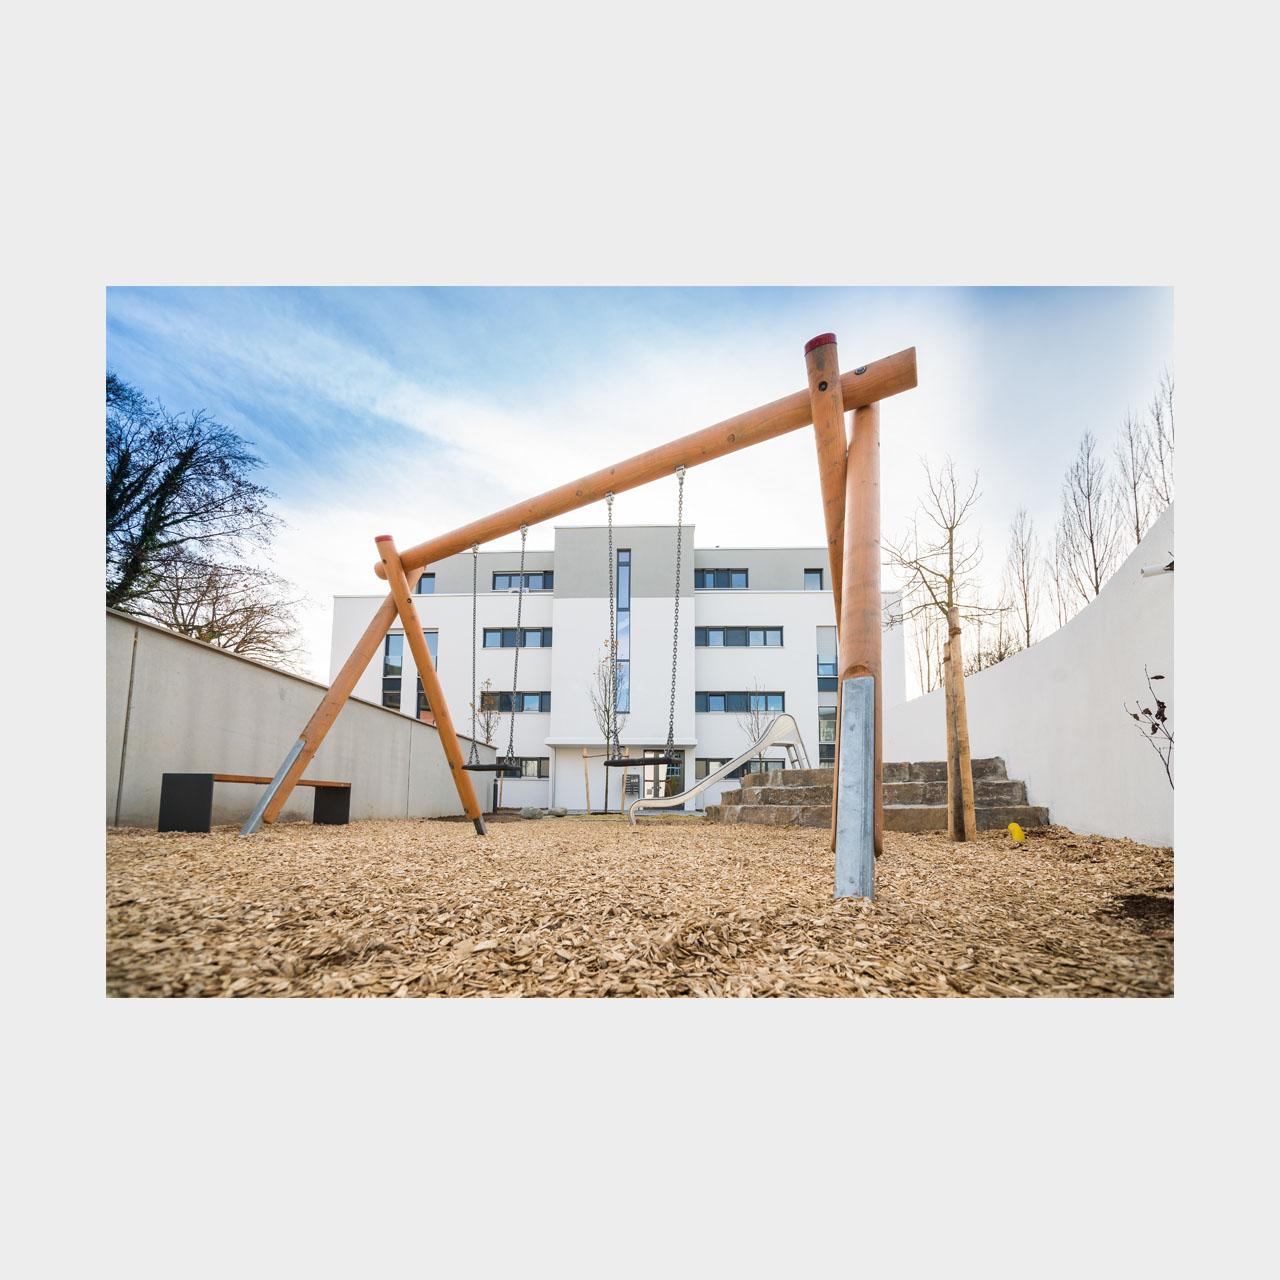 Architekturfotografie Wohnungsbau Argon City Augsburg